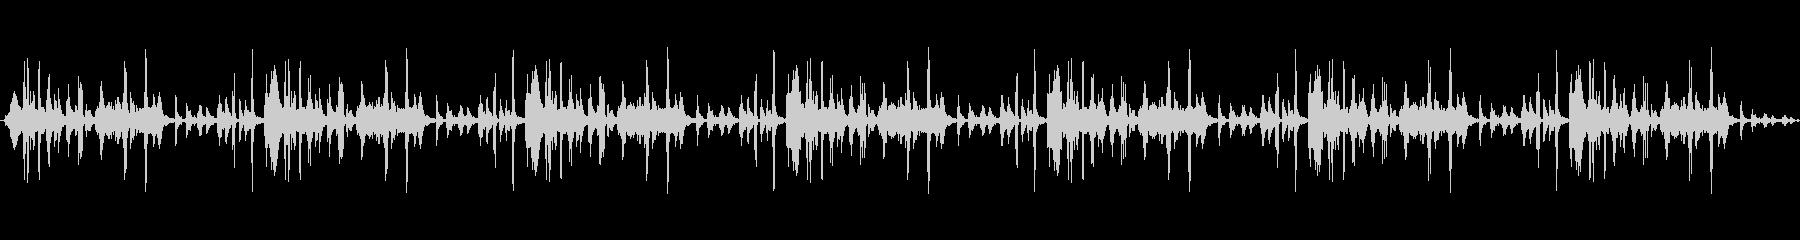 ギアの回転でクリックする機械的ファ...の未再生の波形